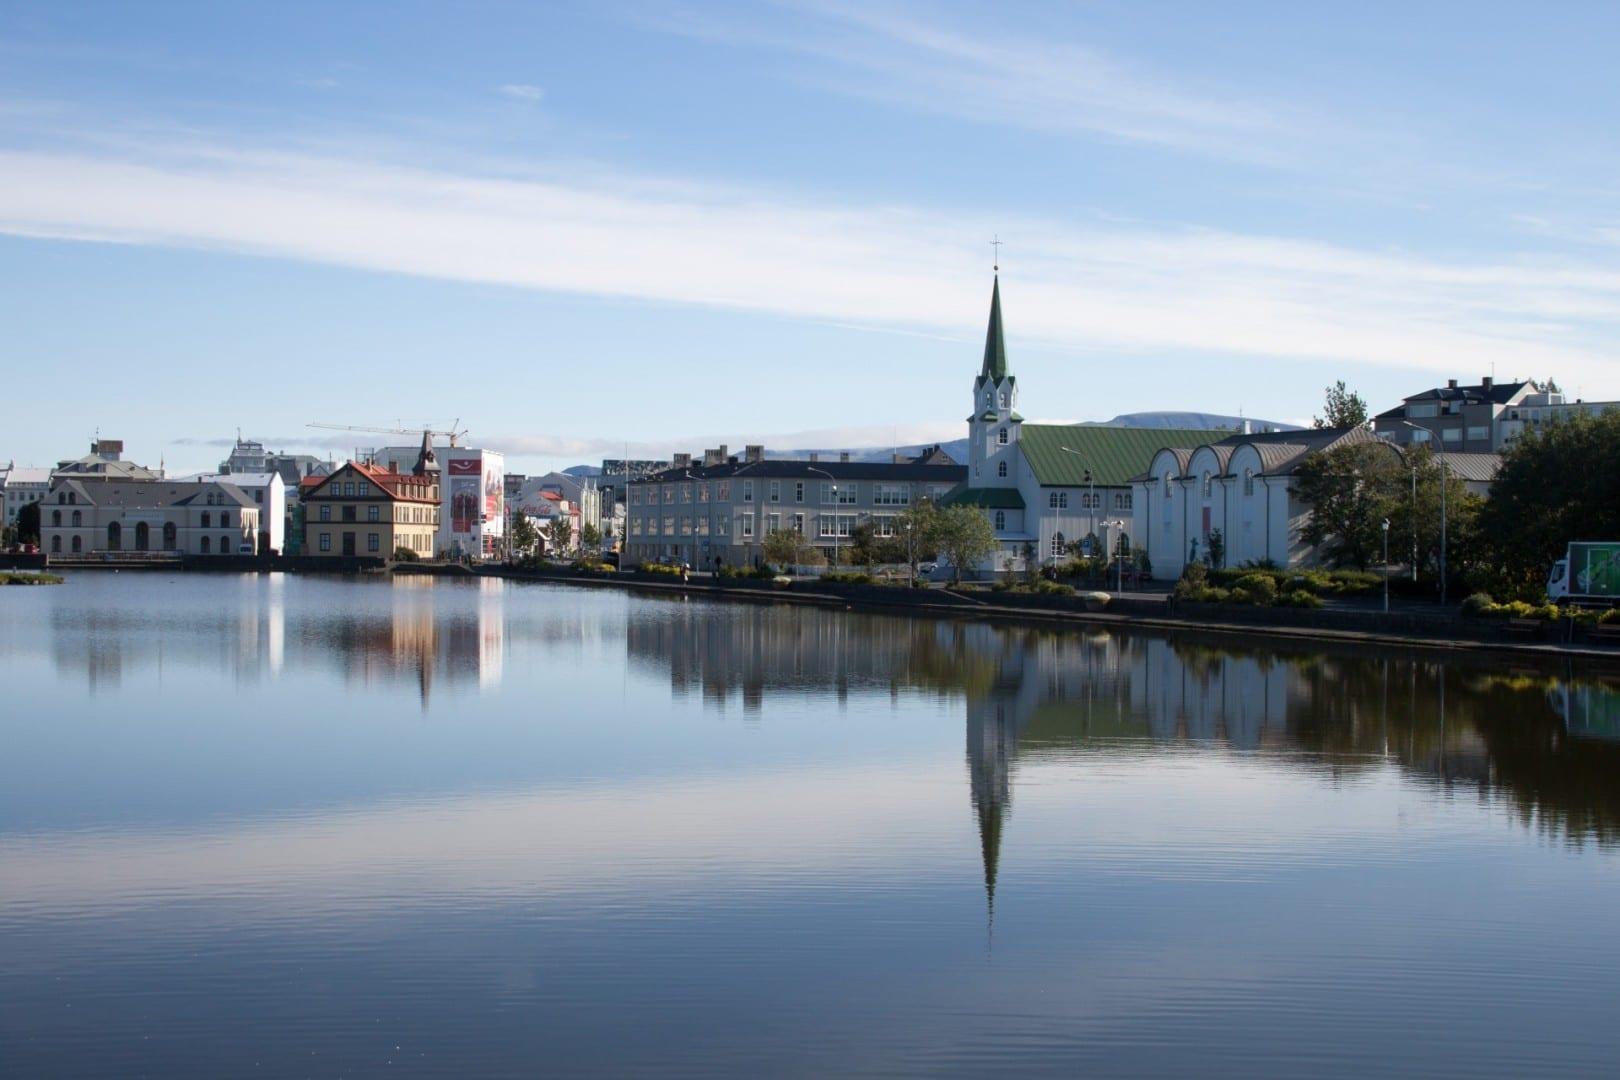 El lago Tjörnin, con el ayuntamiento, está en el centro de Reykjavík Reykjanes Islandia